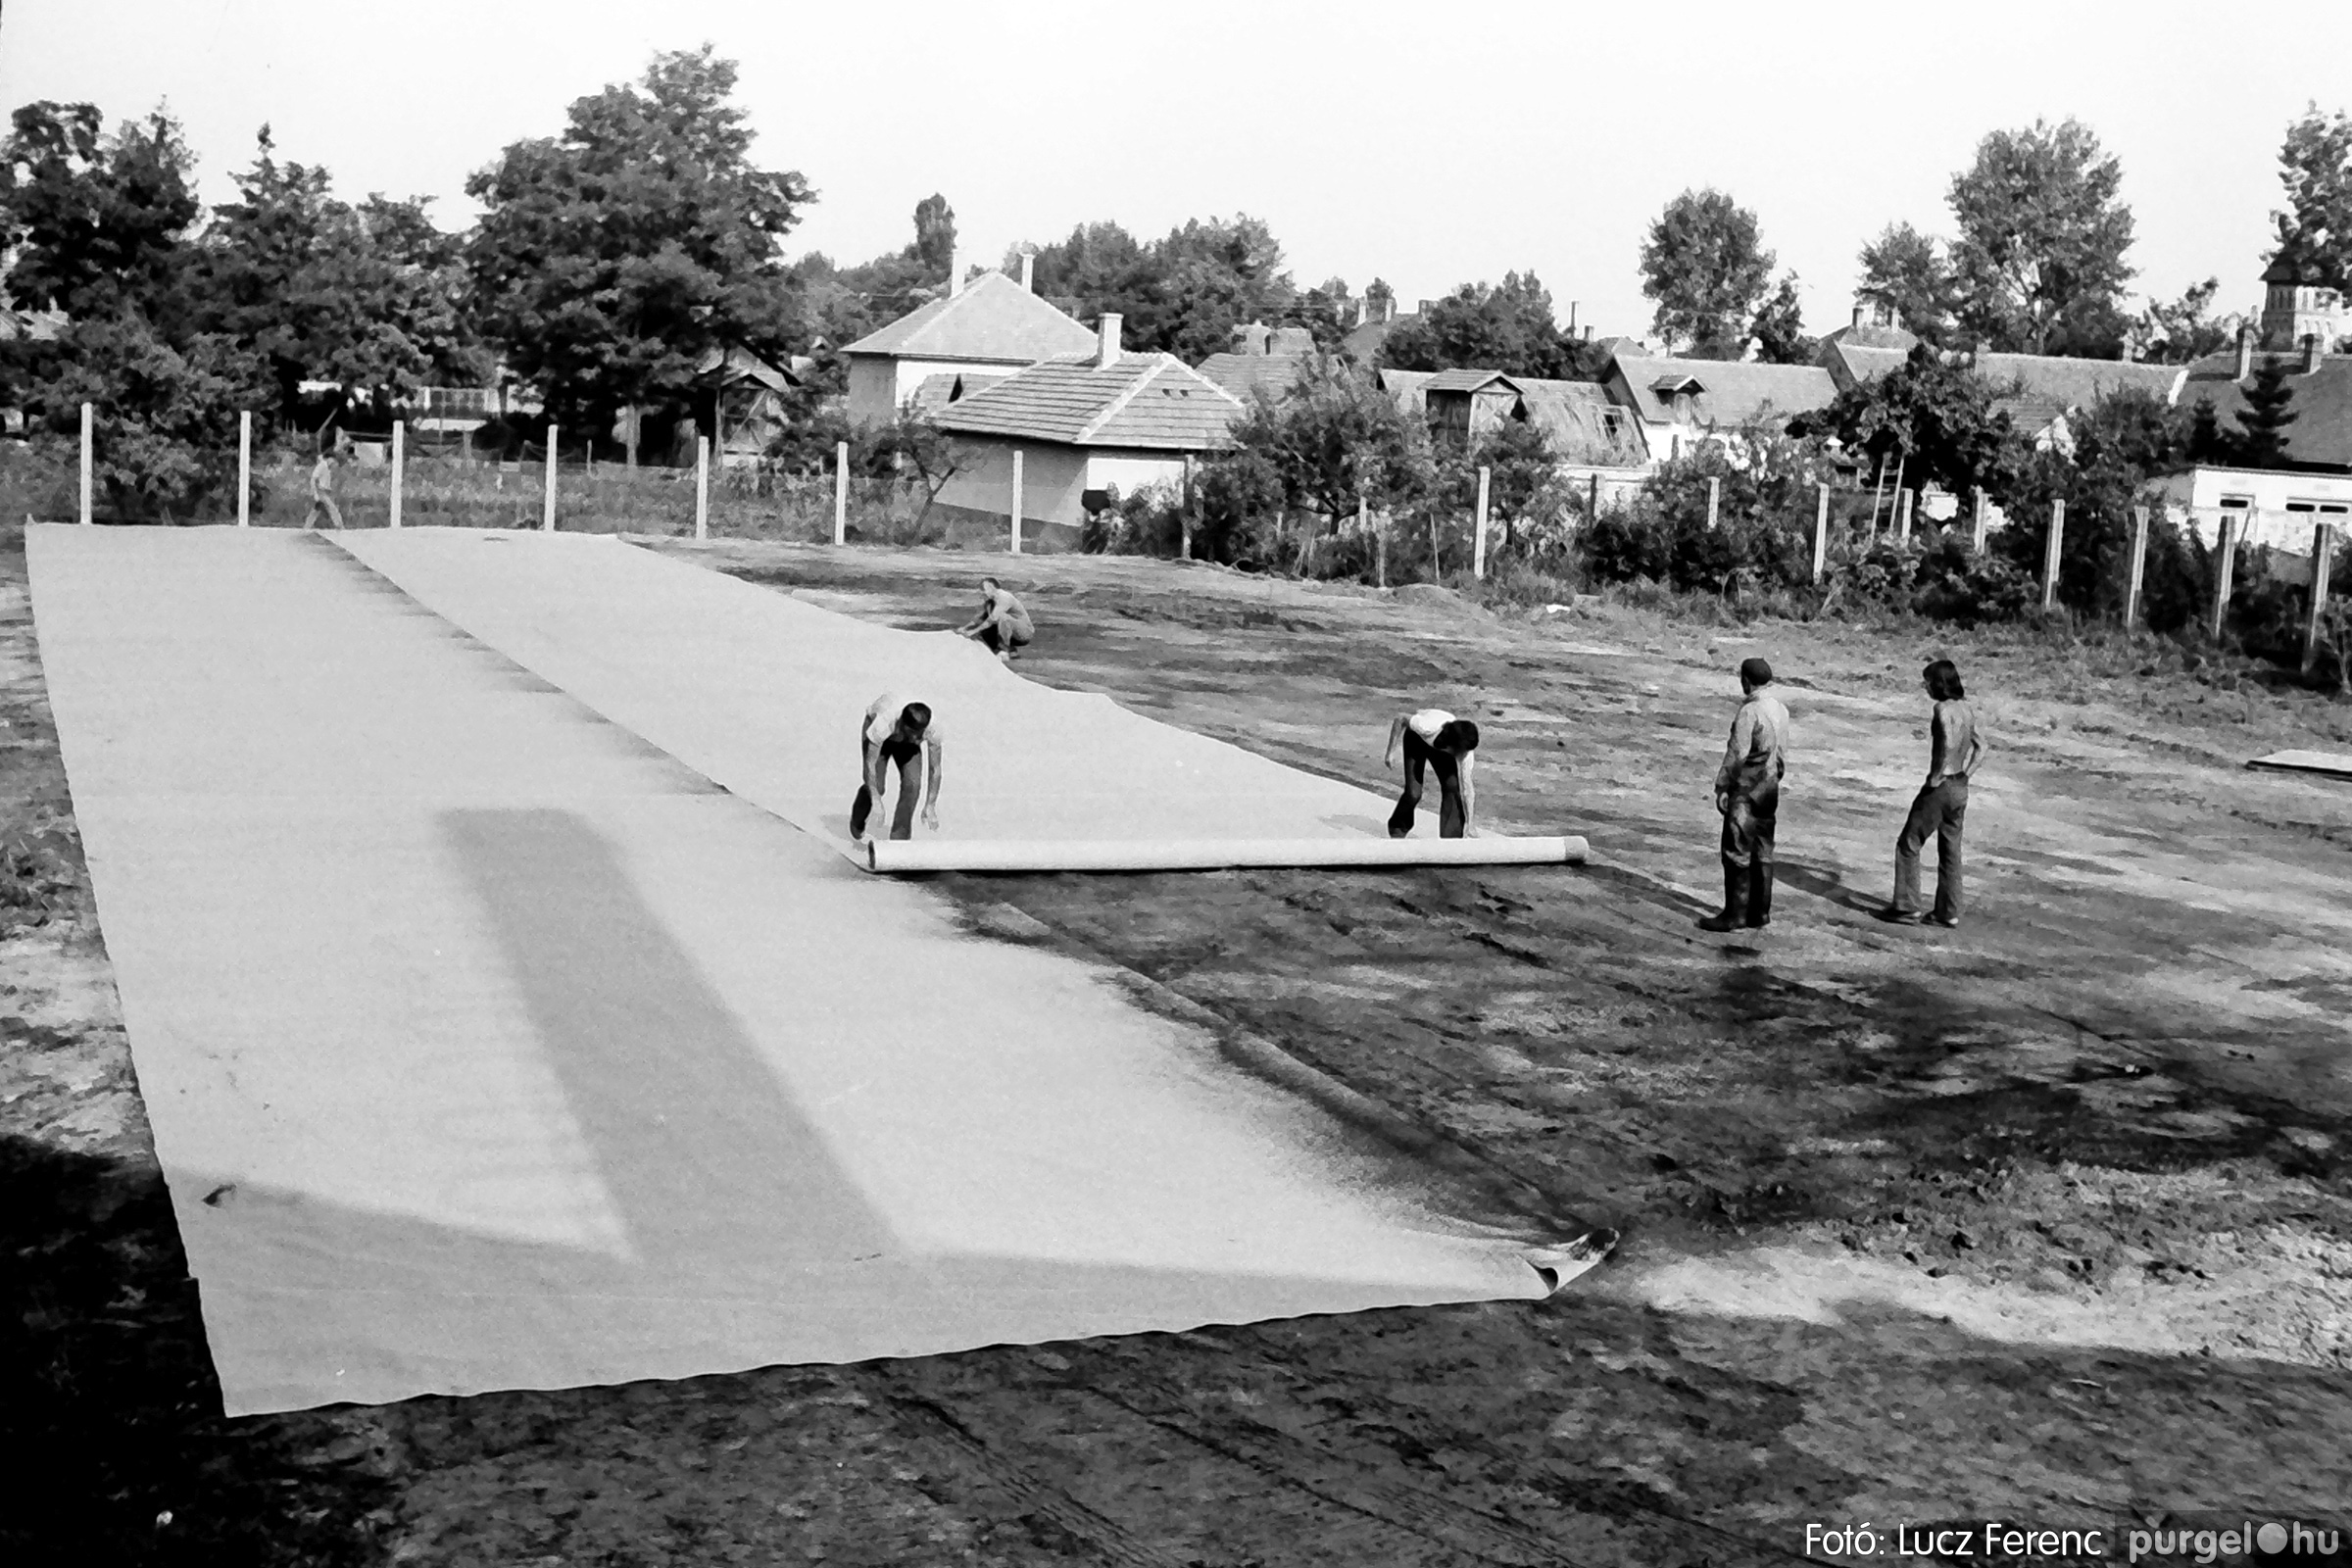 048, 051. 1976. Társadalmi munka 032. - Fotó: Lucz Ferenc.jpg